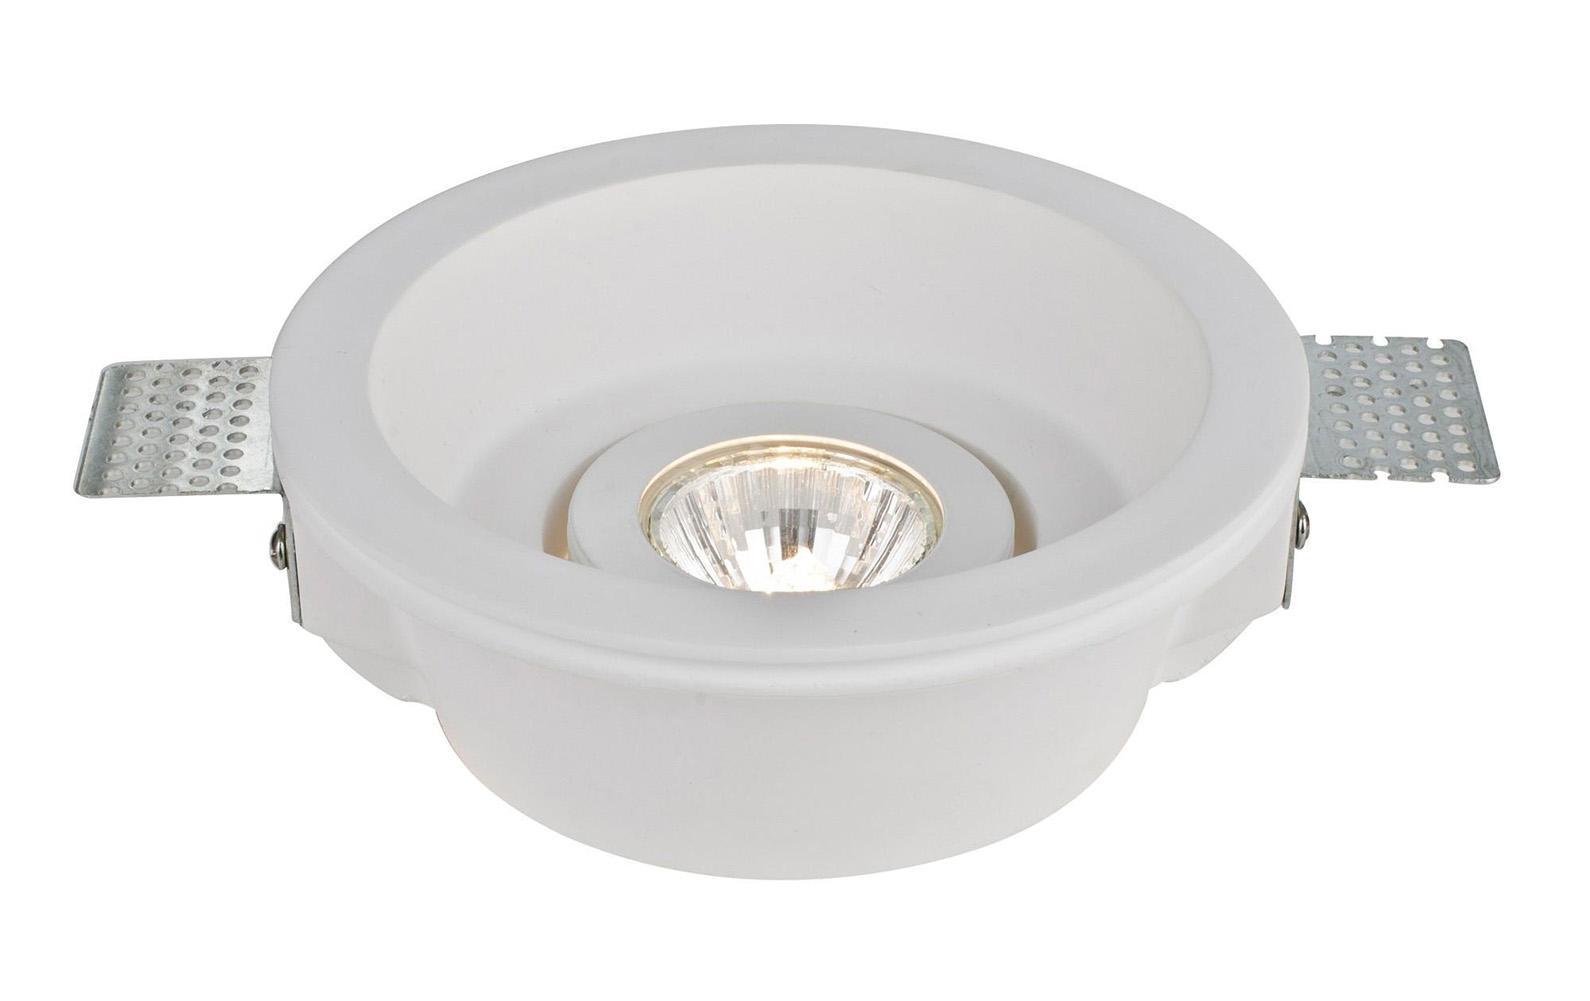 Светильник встраиваемый Arte lamp A9215pl-1wh встраиваемый светильник arte lamp cielo a7314pl 1wh